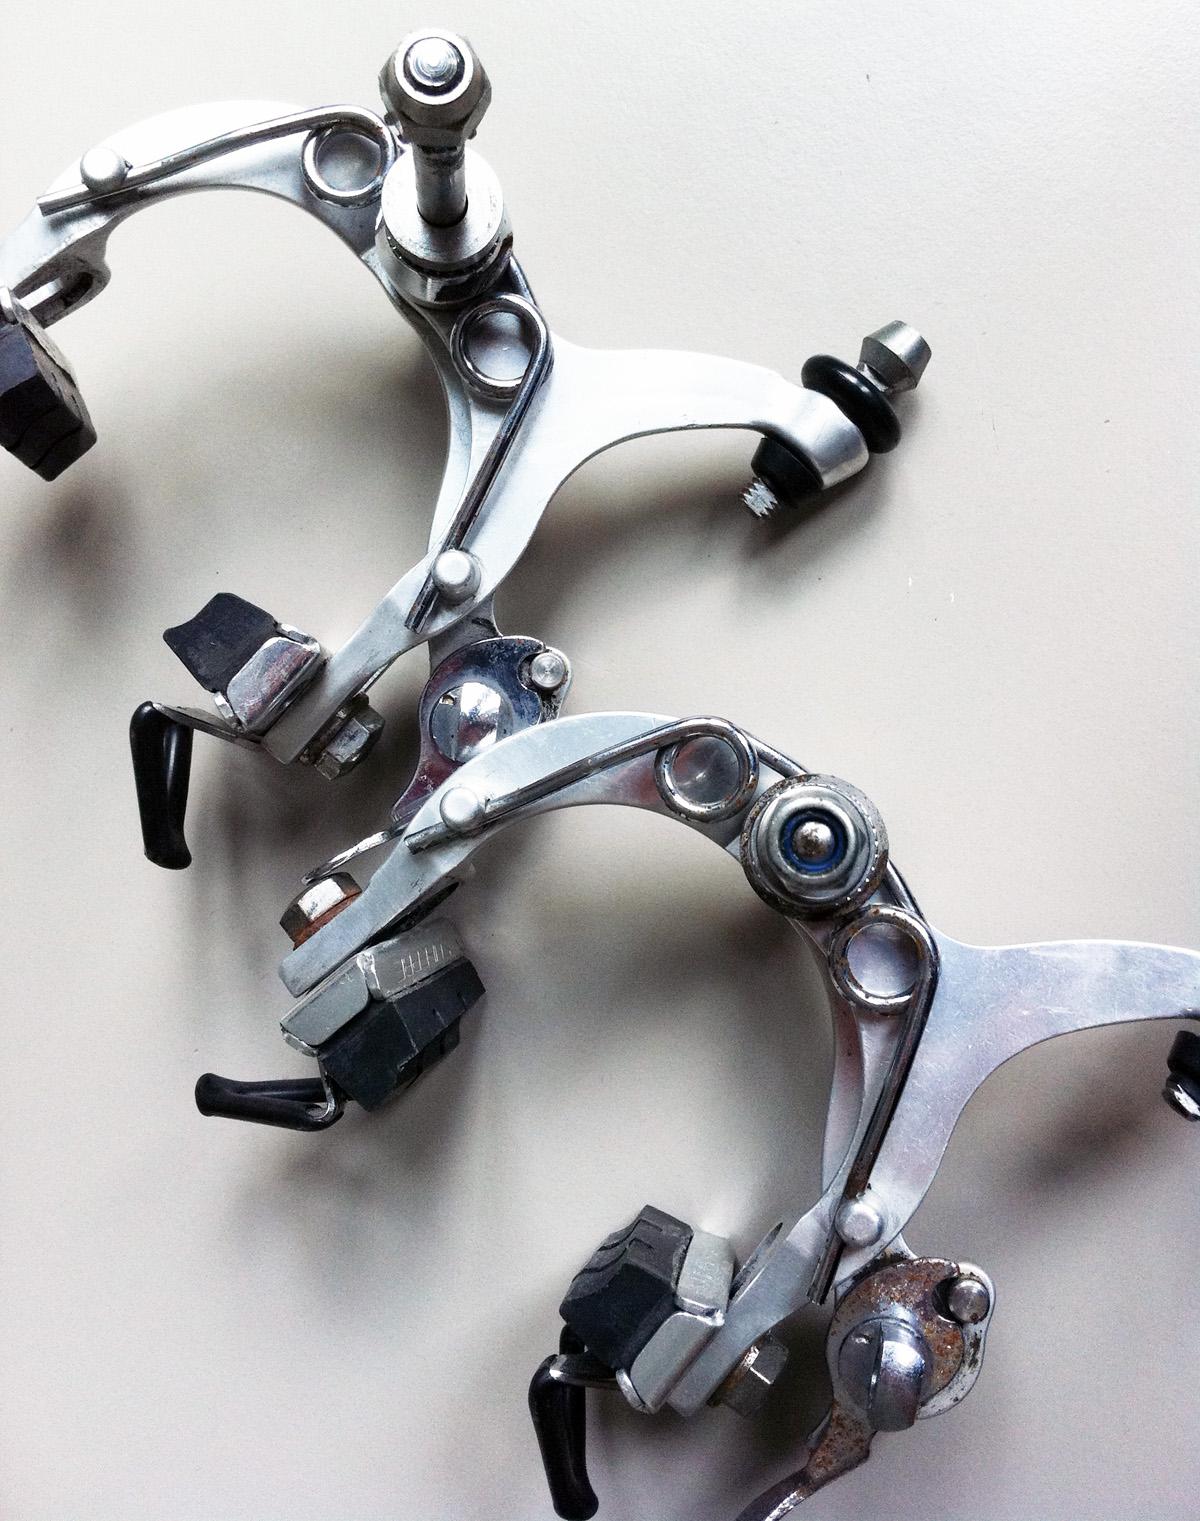 Suntour Superbe Parts, Headset, Brakes, Derailleurs | LFGSS